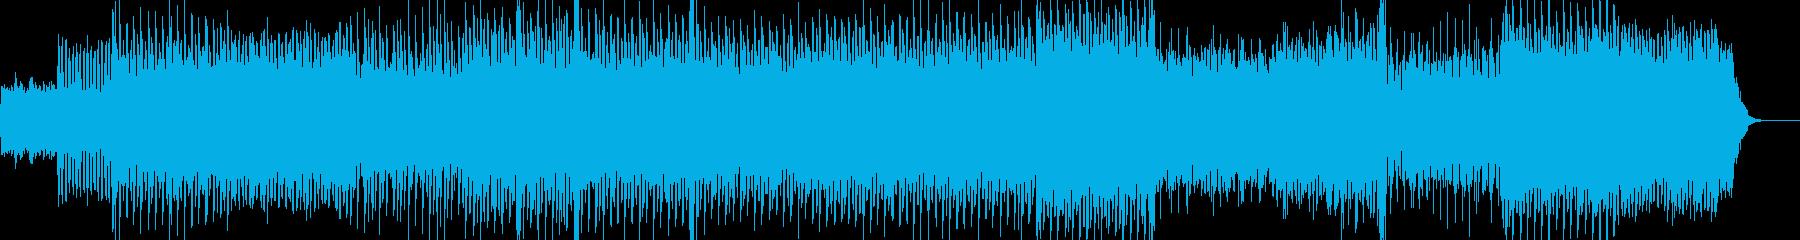 感動的で切ないトランスアンビエントの再生済みの波形